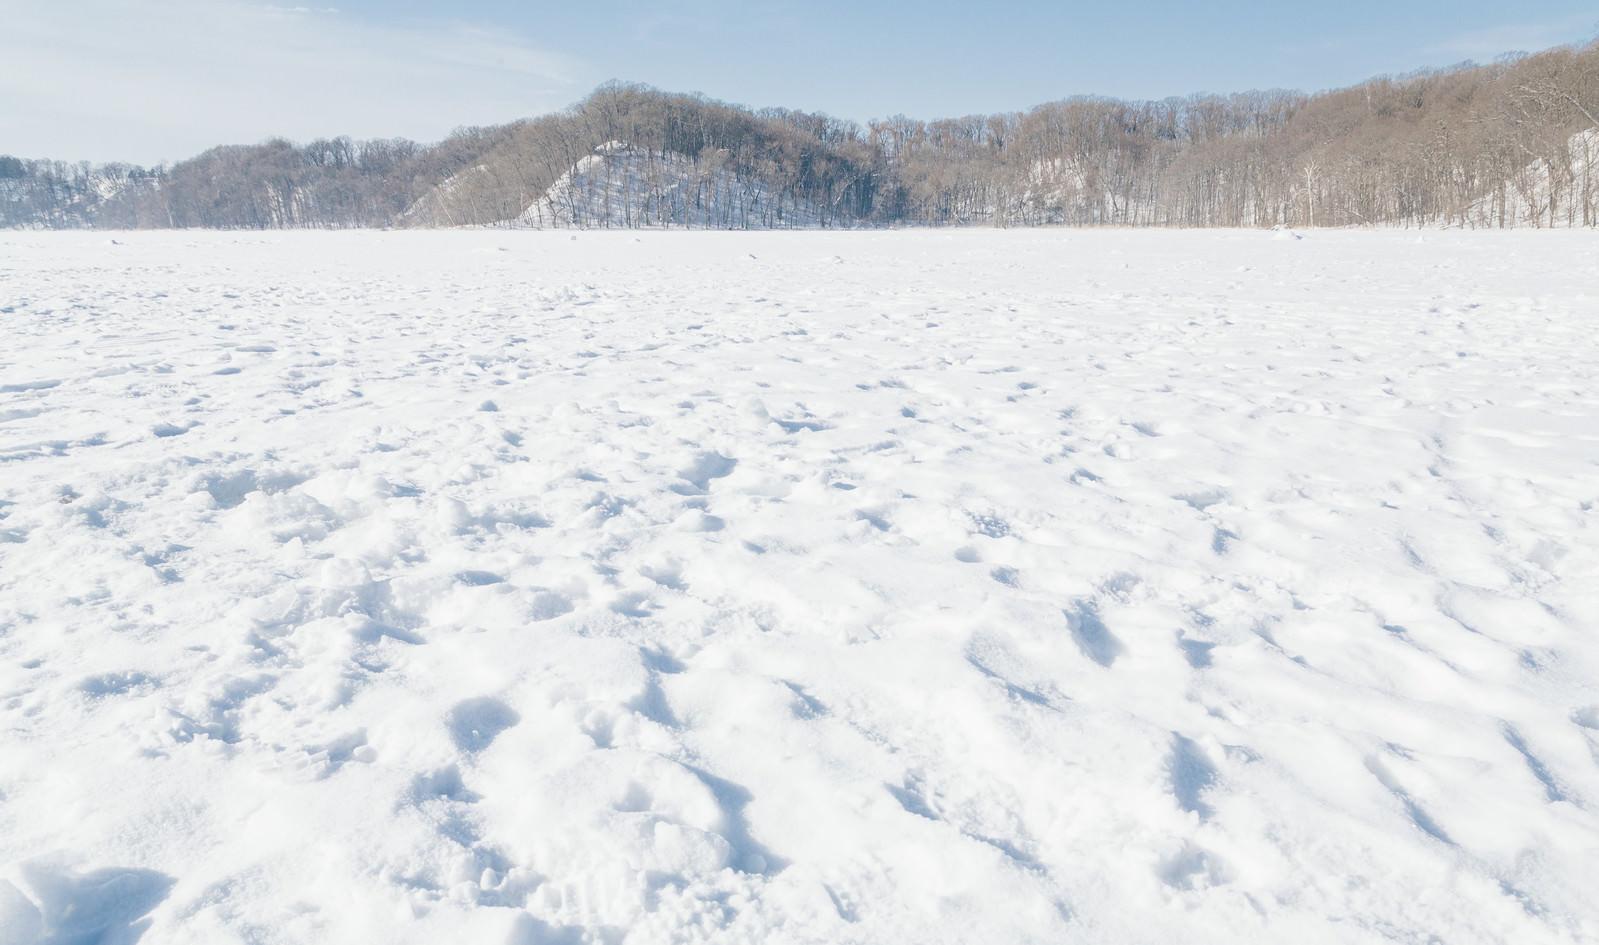 「凍った網走湖の上凍った網走湖の上」のフリー写真素材を拡大